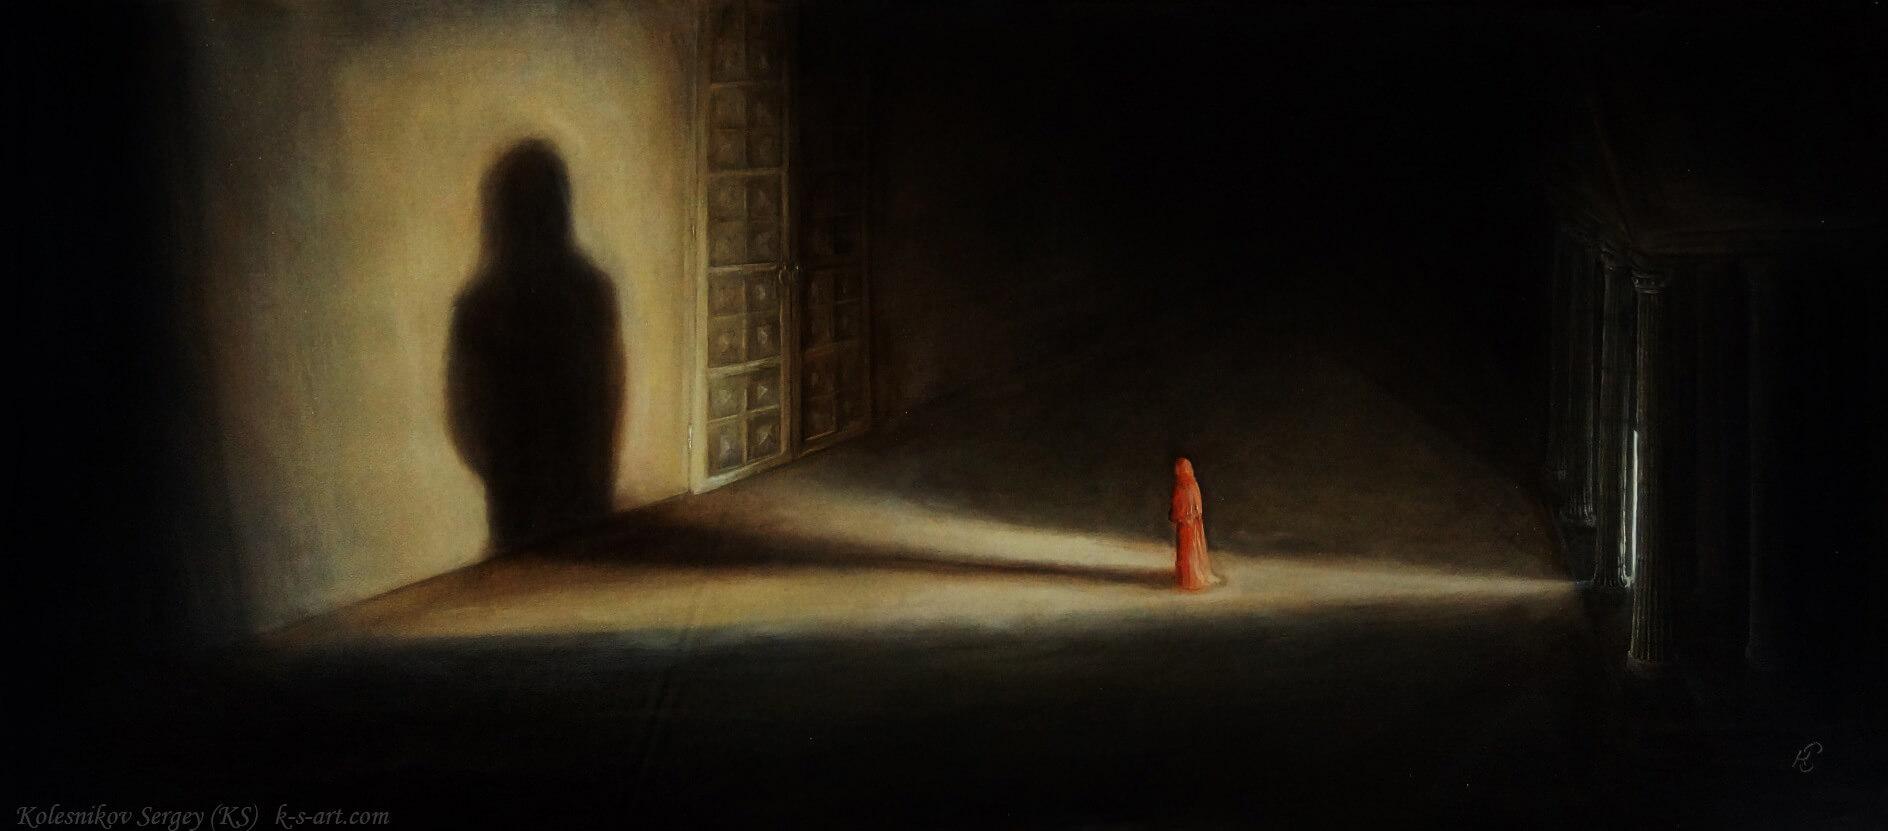 Из серии - На пороге (Барзах) - картина, автор Сергей Колесников (KS), холст (лён, мелкое зерно), масло, 50x120 см, 2017 год. Живопись, авторский стиль - интегральный реализм.